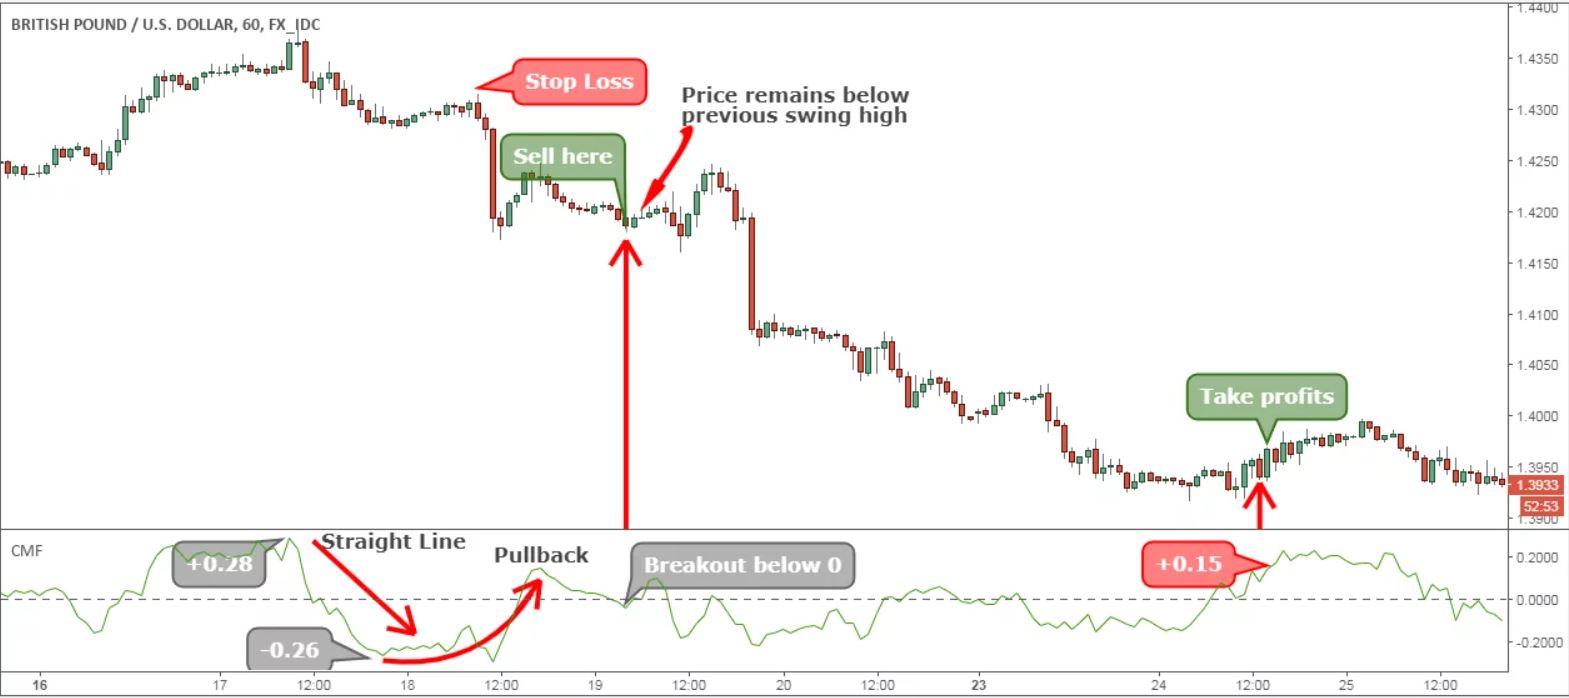 strategia sui volumi di trading ribassista